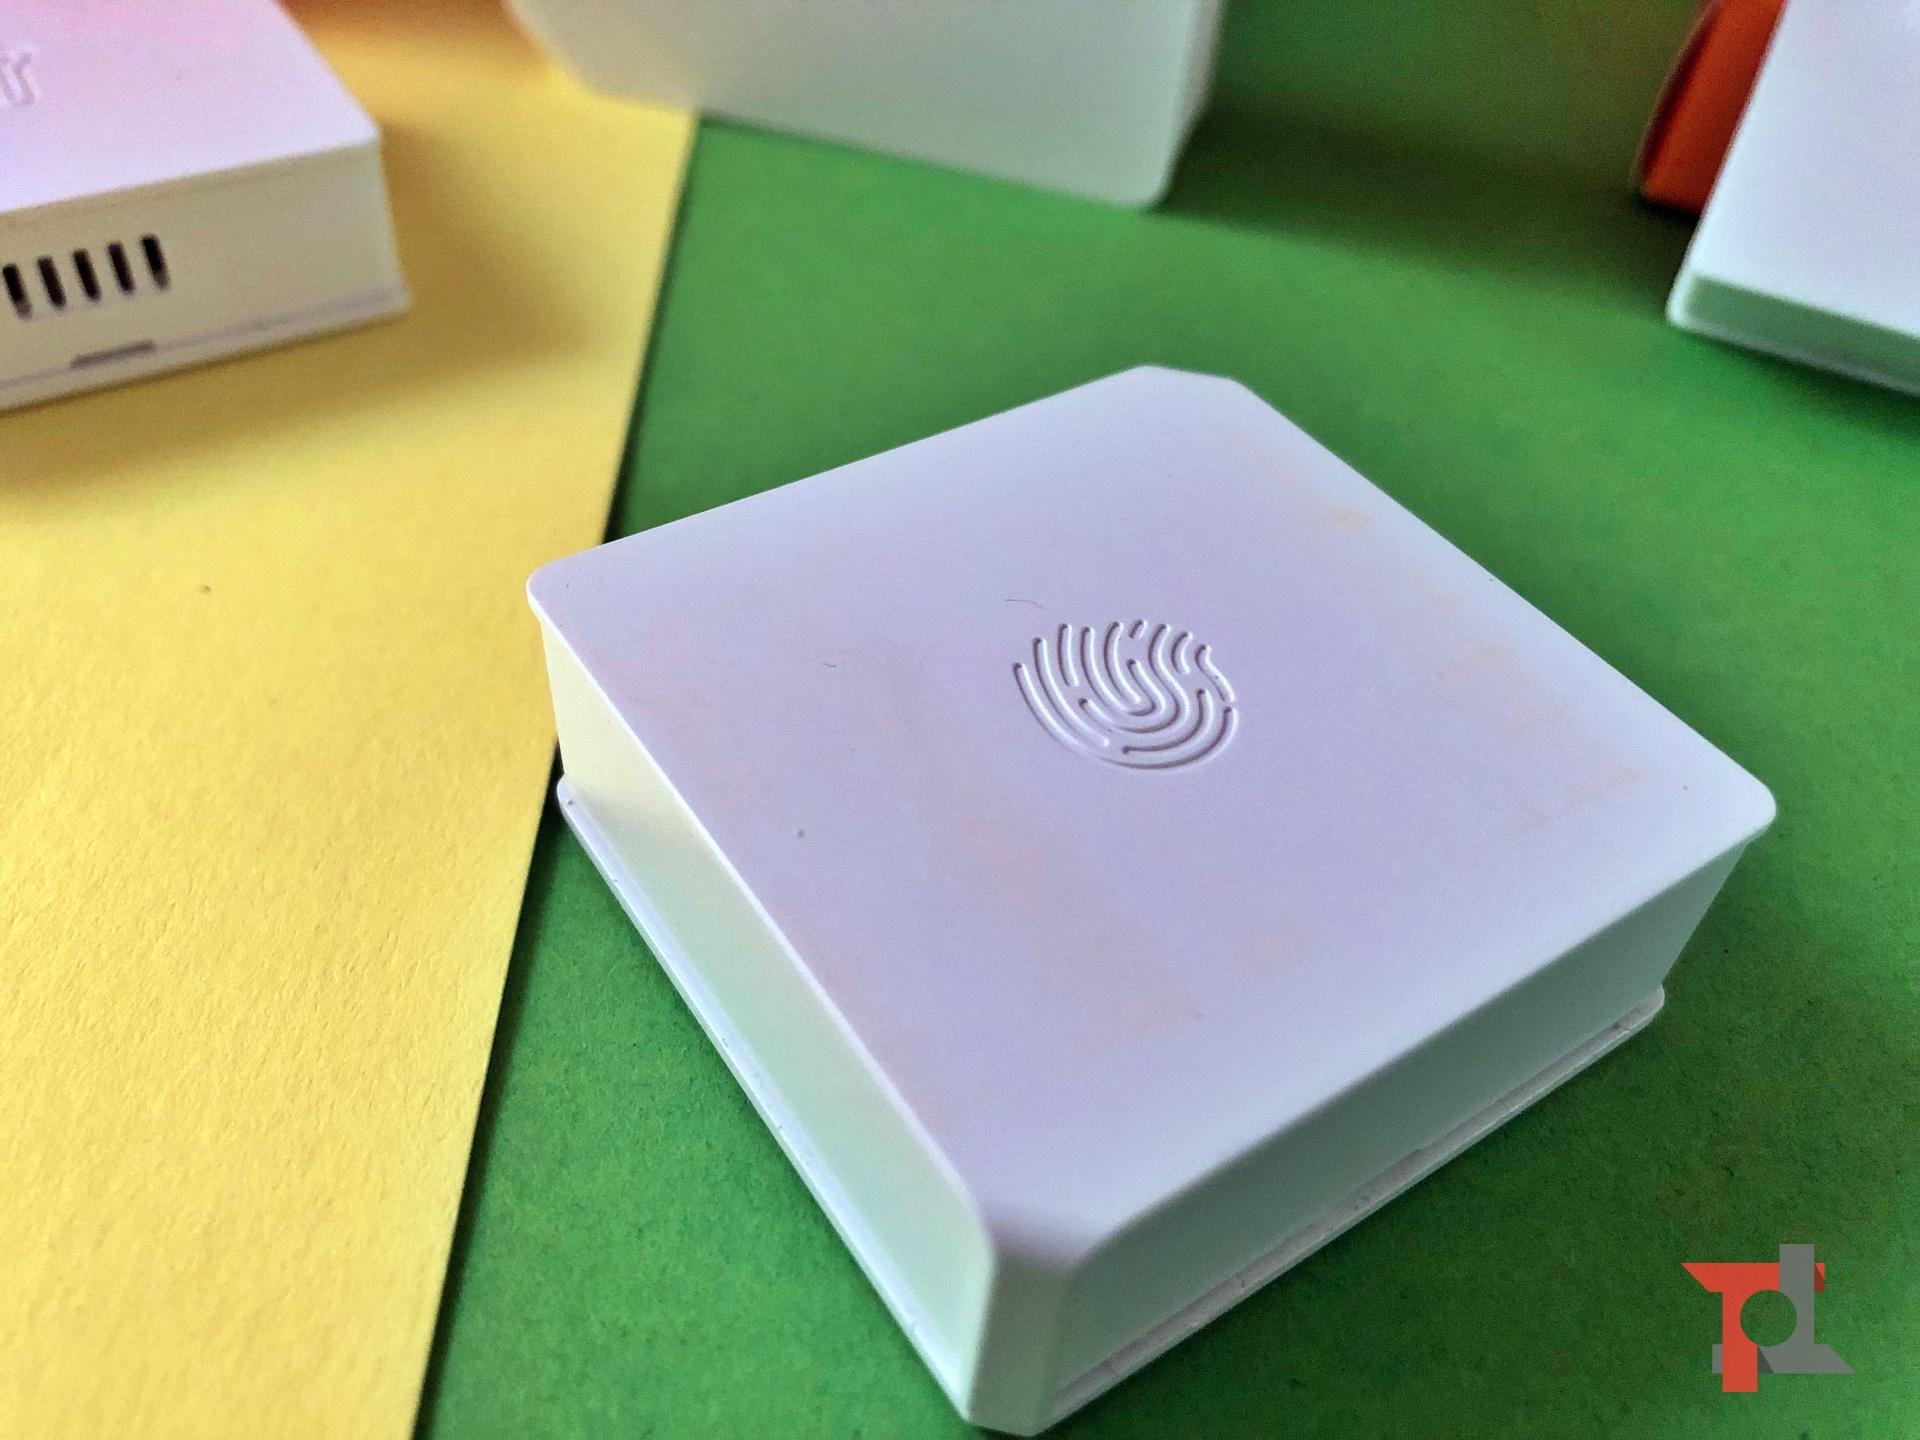 Abbiamo provato i prodotti SONOFF Zigbee per la smart home: ecco le nostre impressioni 3